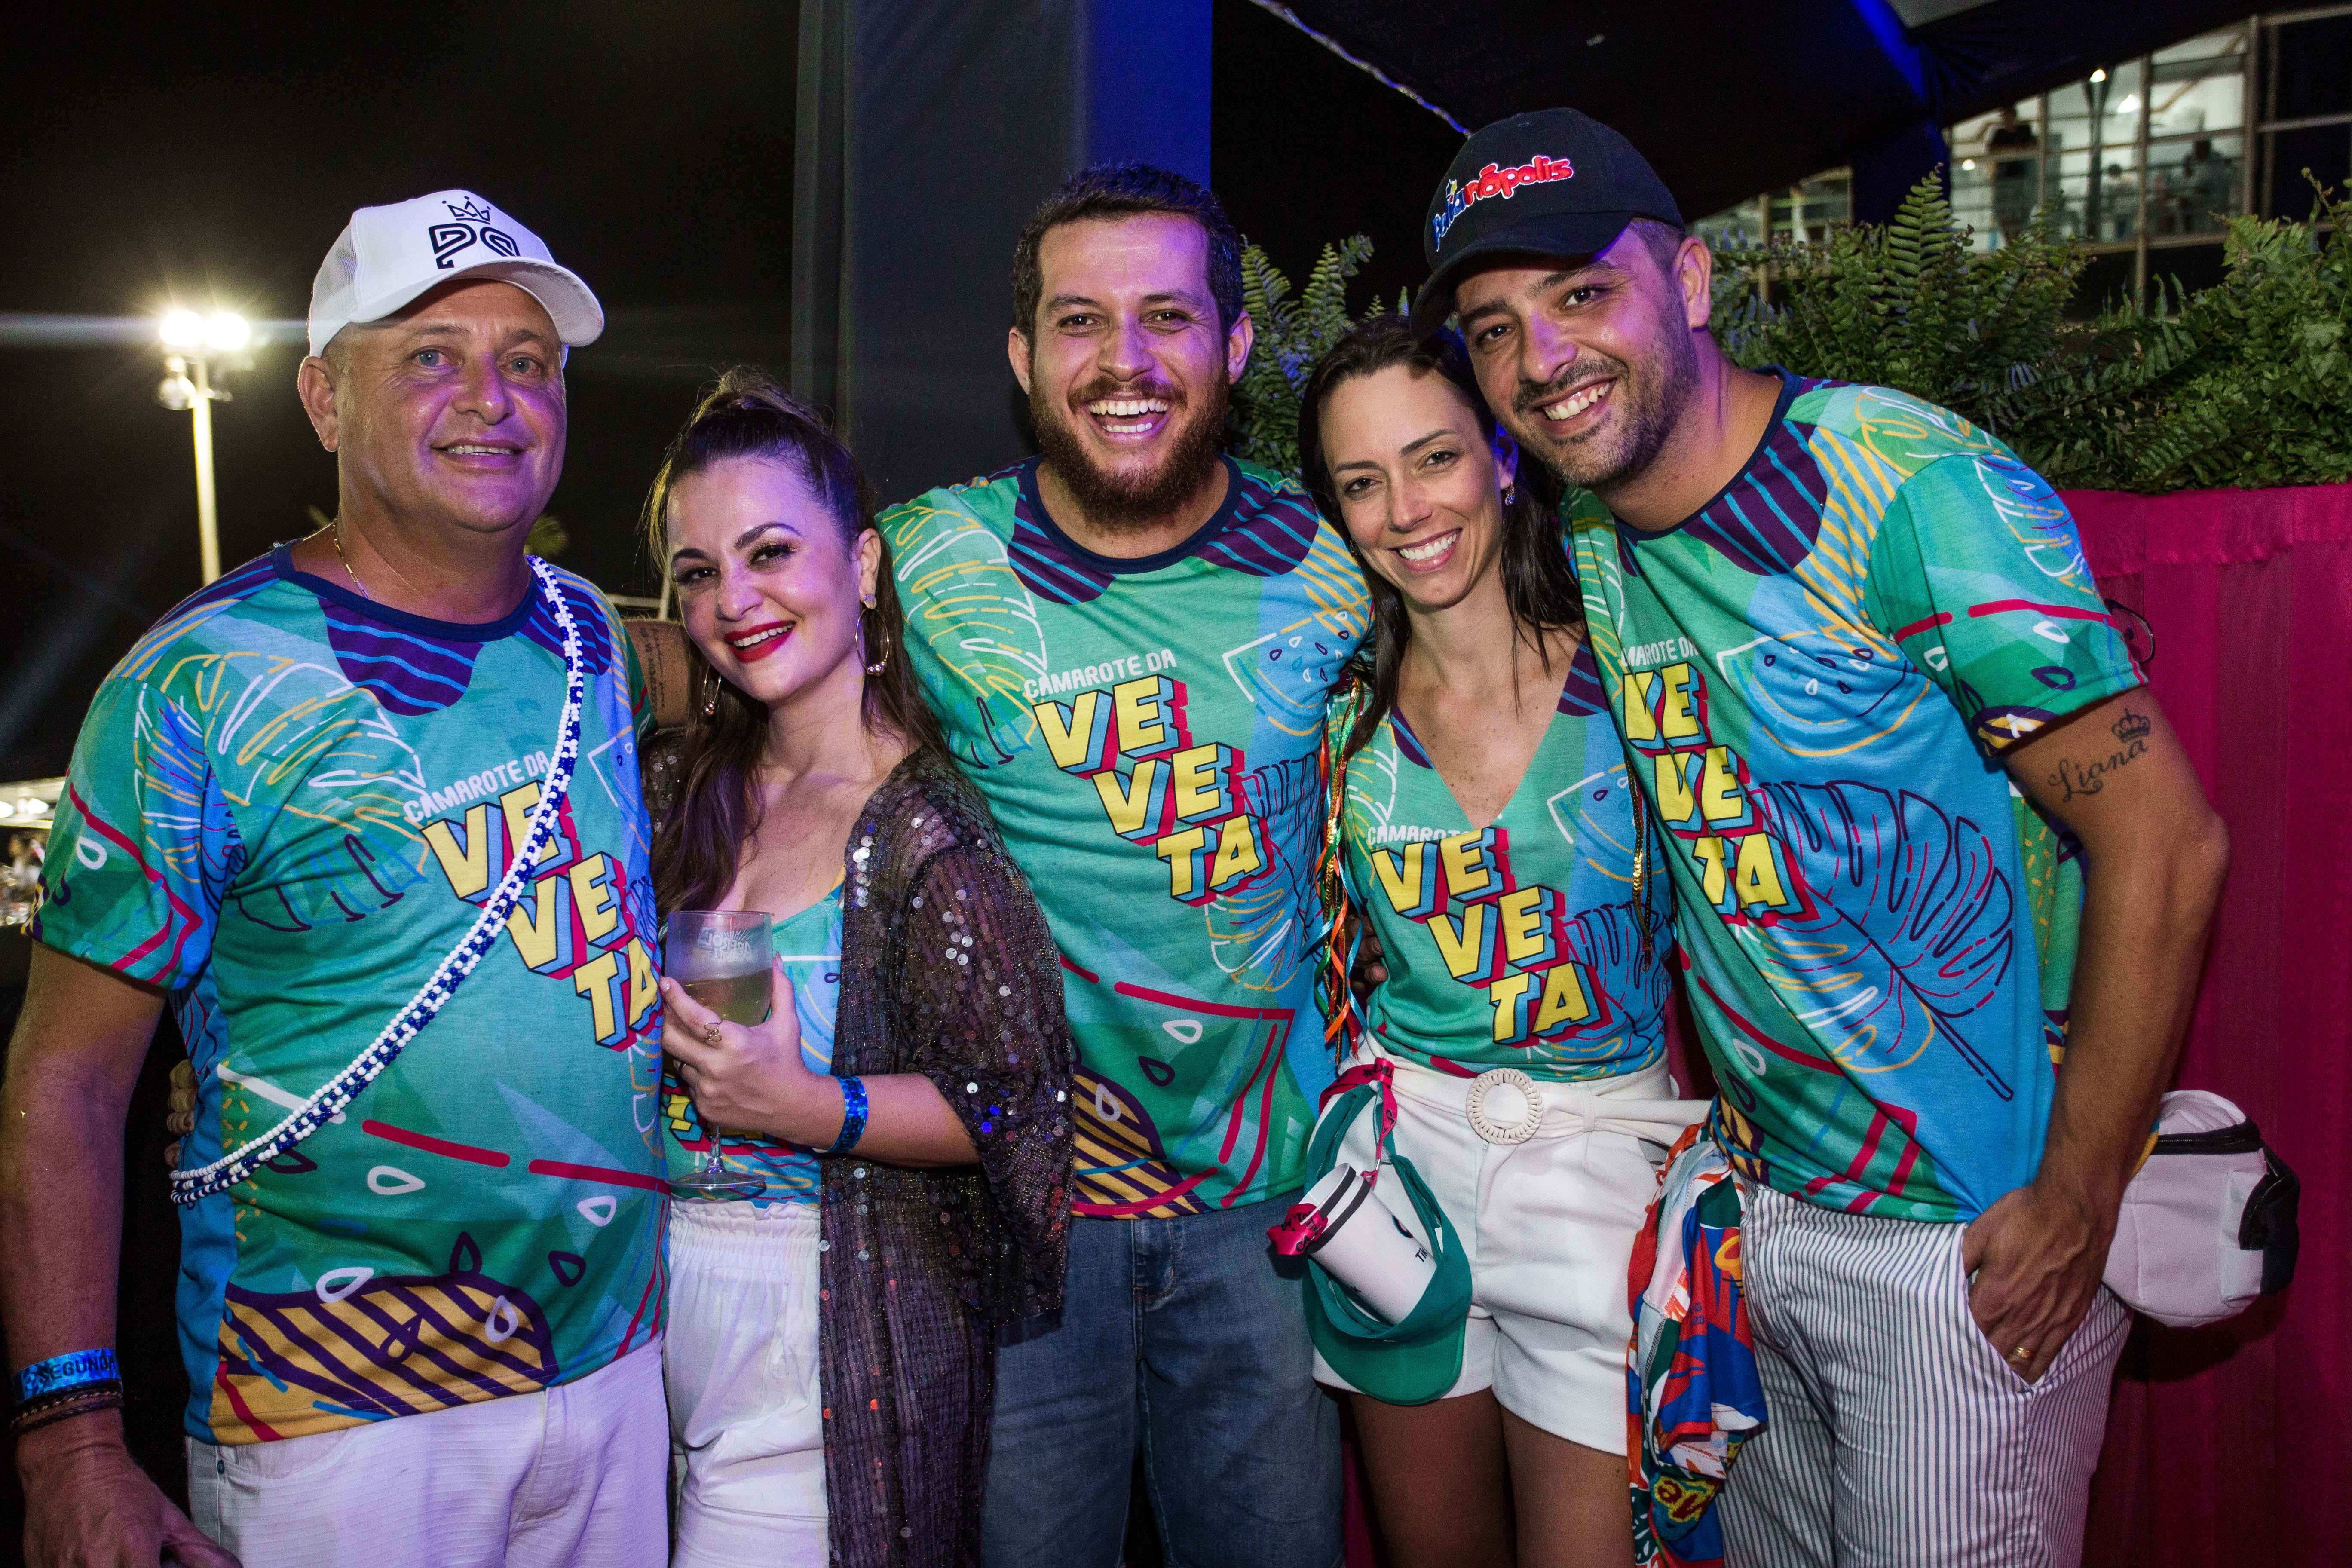 Cicero Ribeiro, Mayka Scneider, Marcelo Araujo, Tatiana e Artemio Stefansky